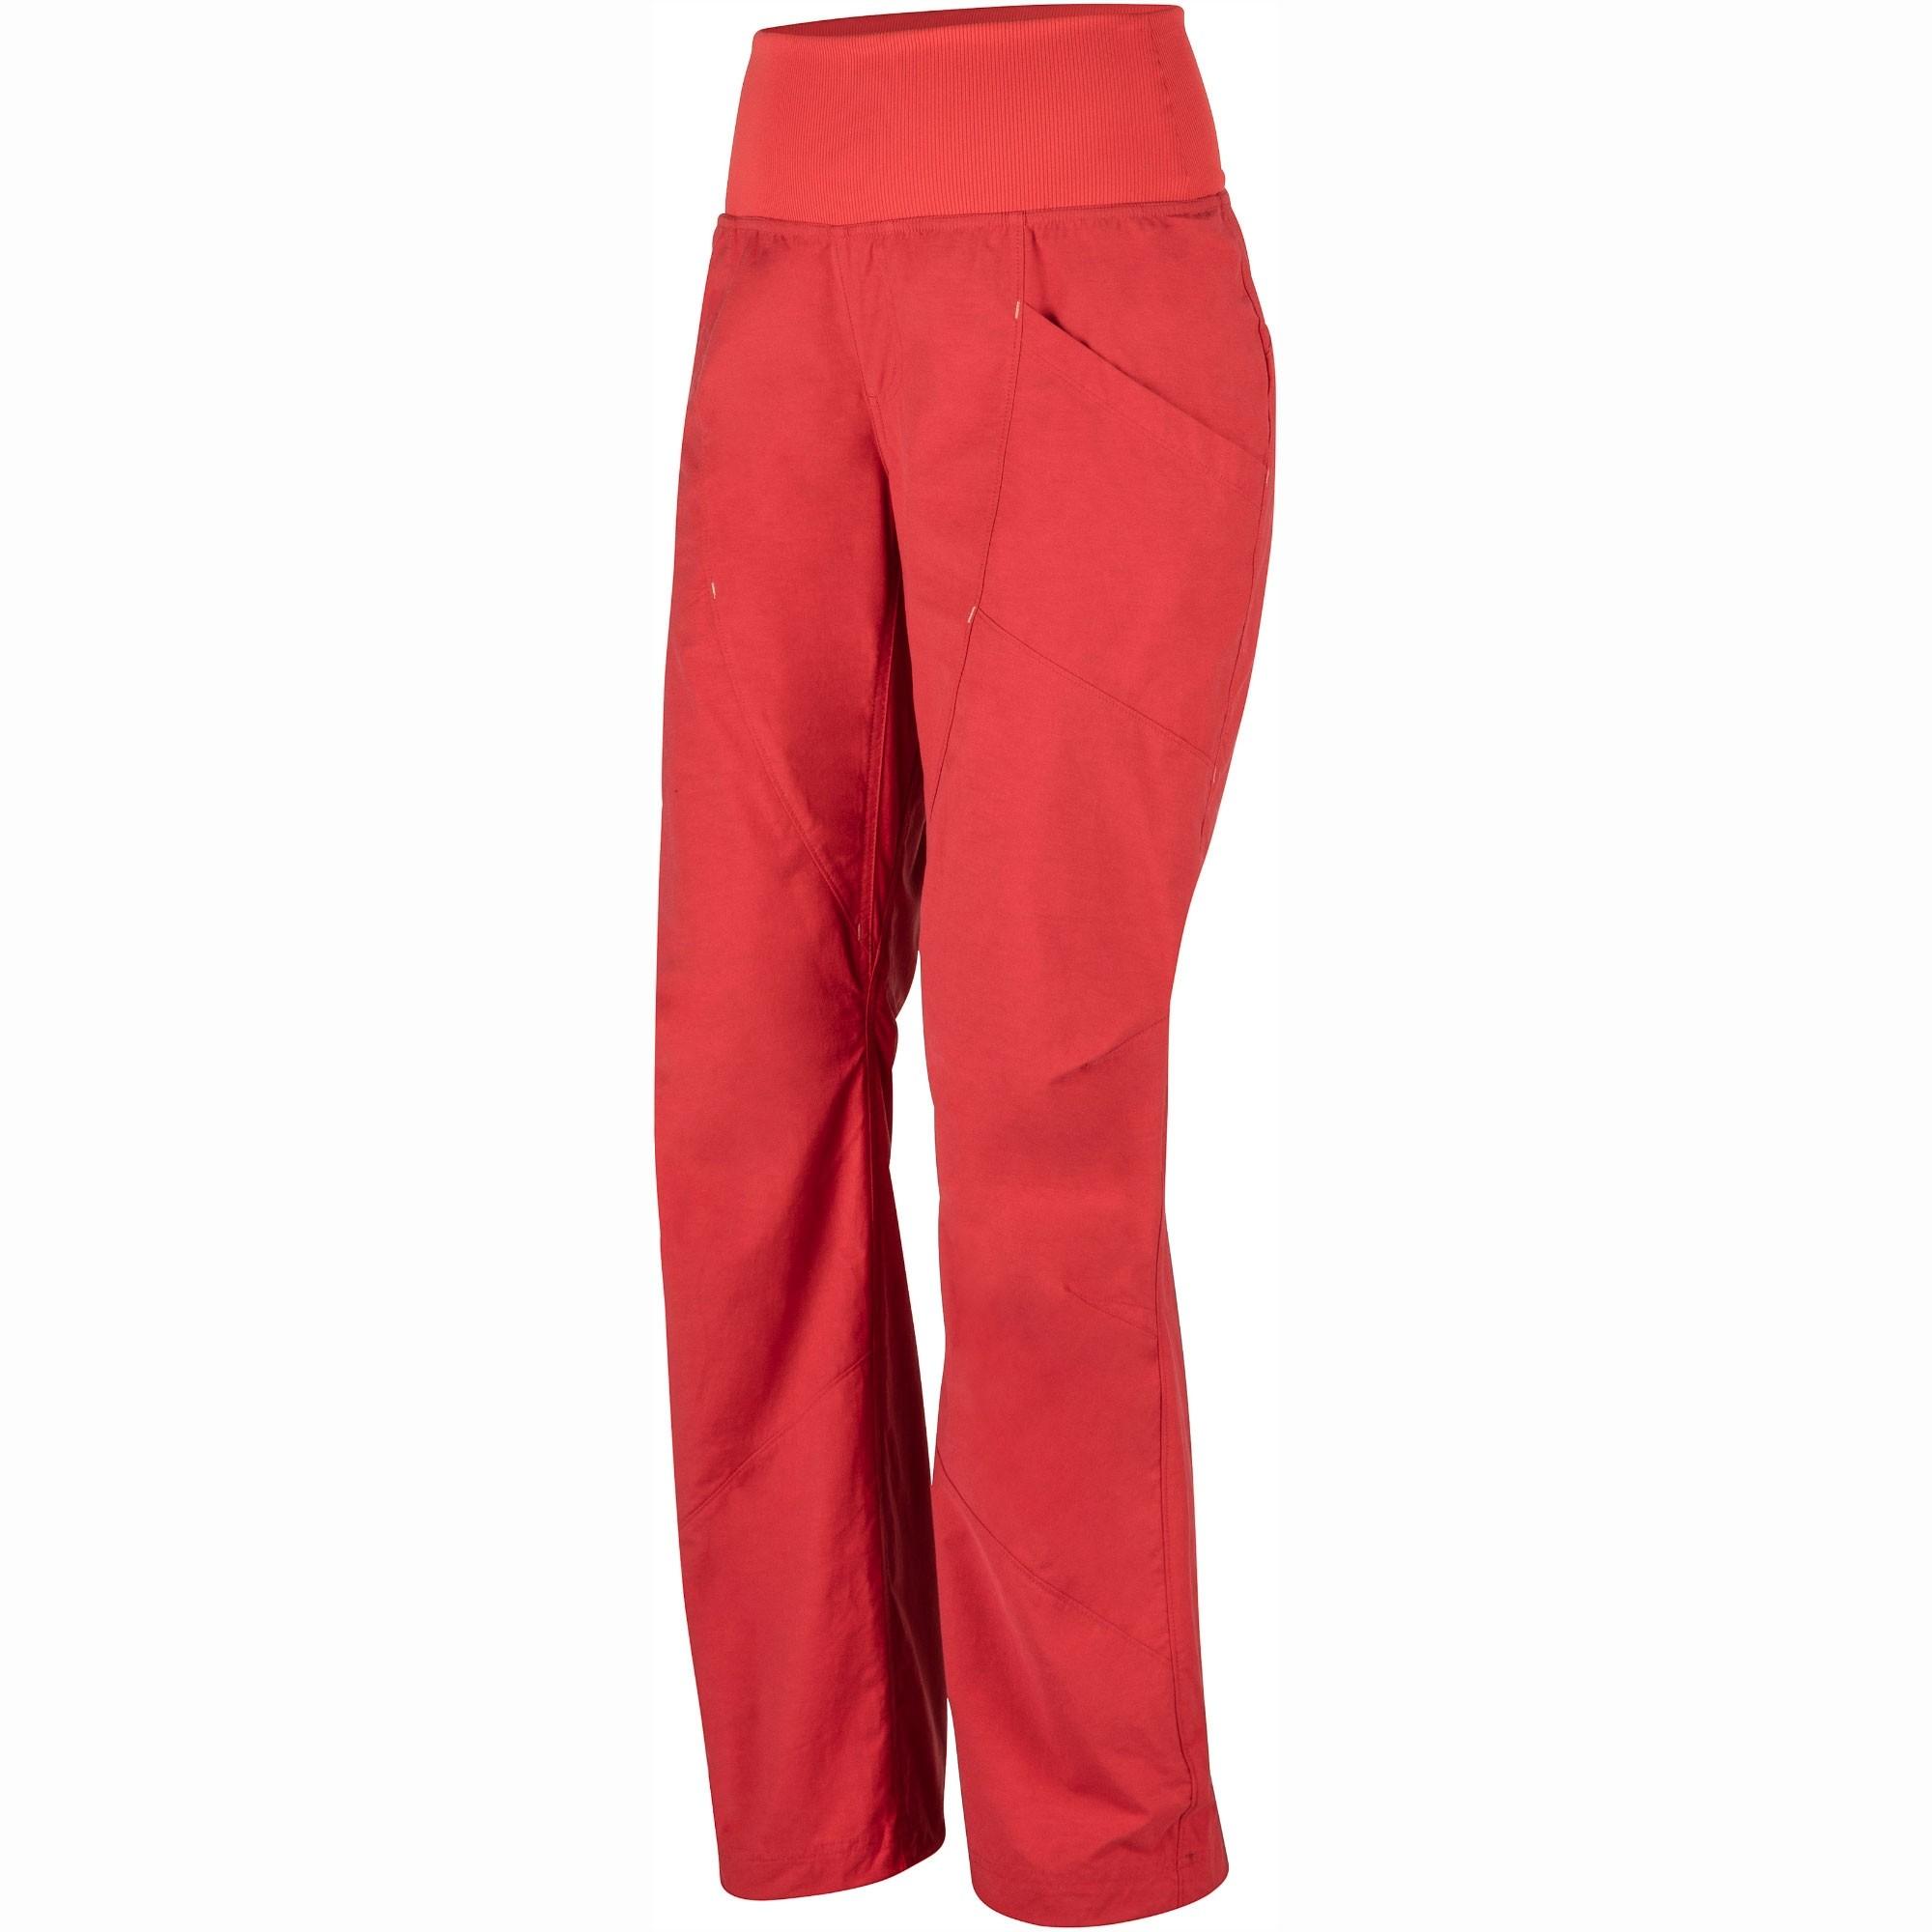 Marmot Lleida Women's Climbing Pants - Desert Red - Side